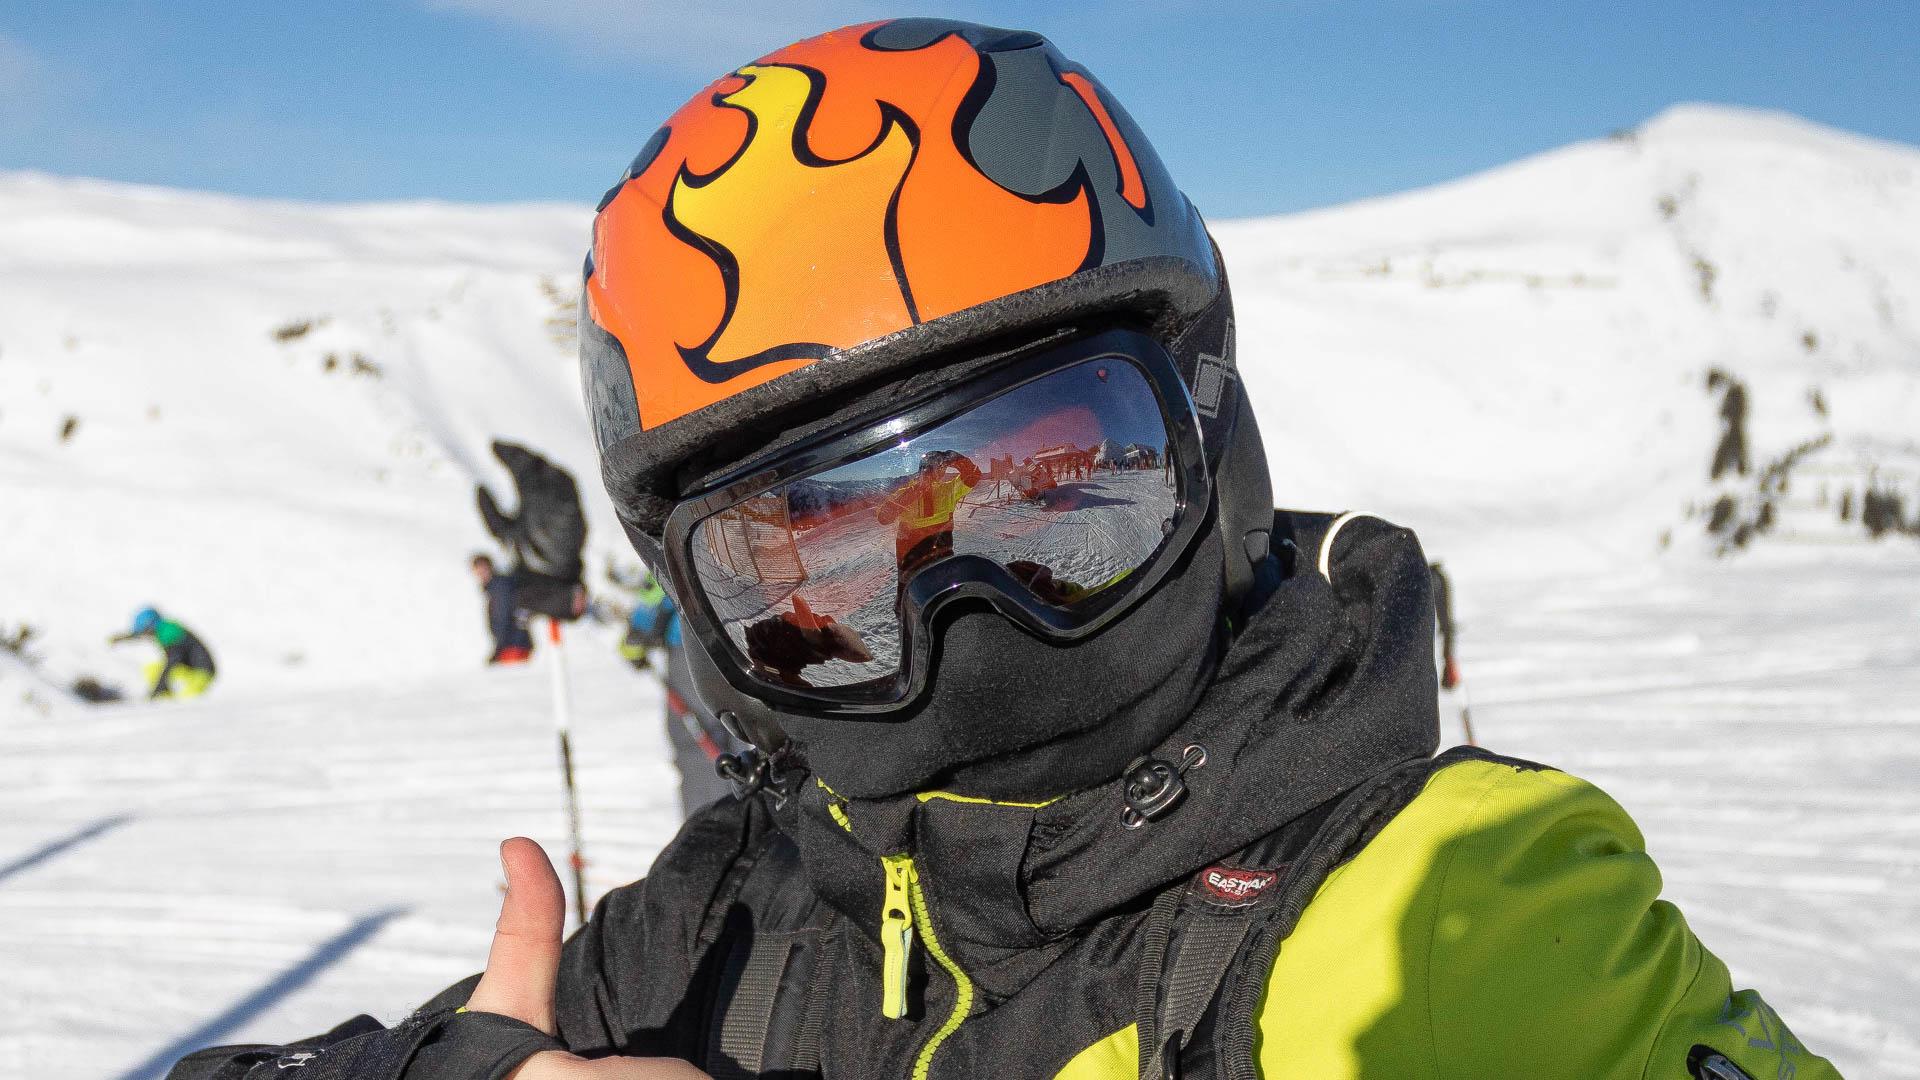 2020-Skifreizeit-Kinder-Jugendliche-Ski-Freizeit-Damüls-Mellau-69-fun-Schnee-Leki-Tom-MisterX